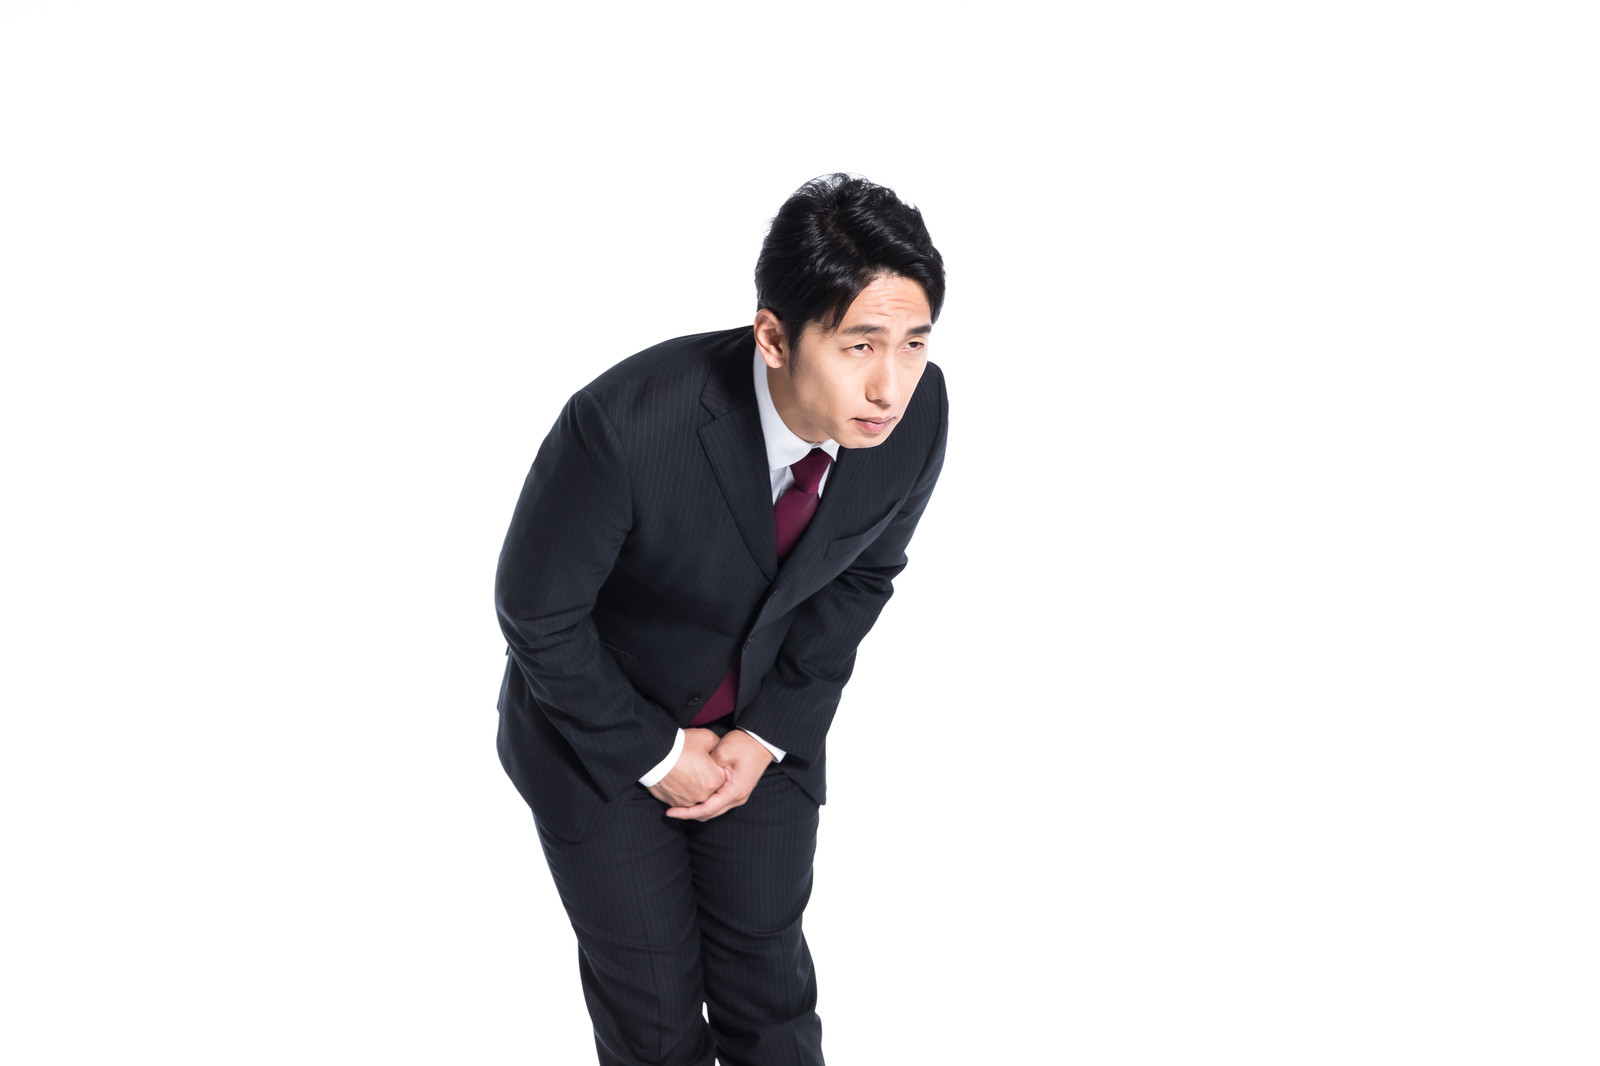 「急所を守る会社員」の写真[モデル:大川竜弥]